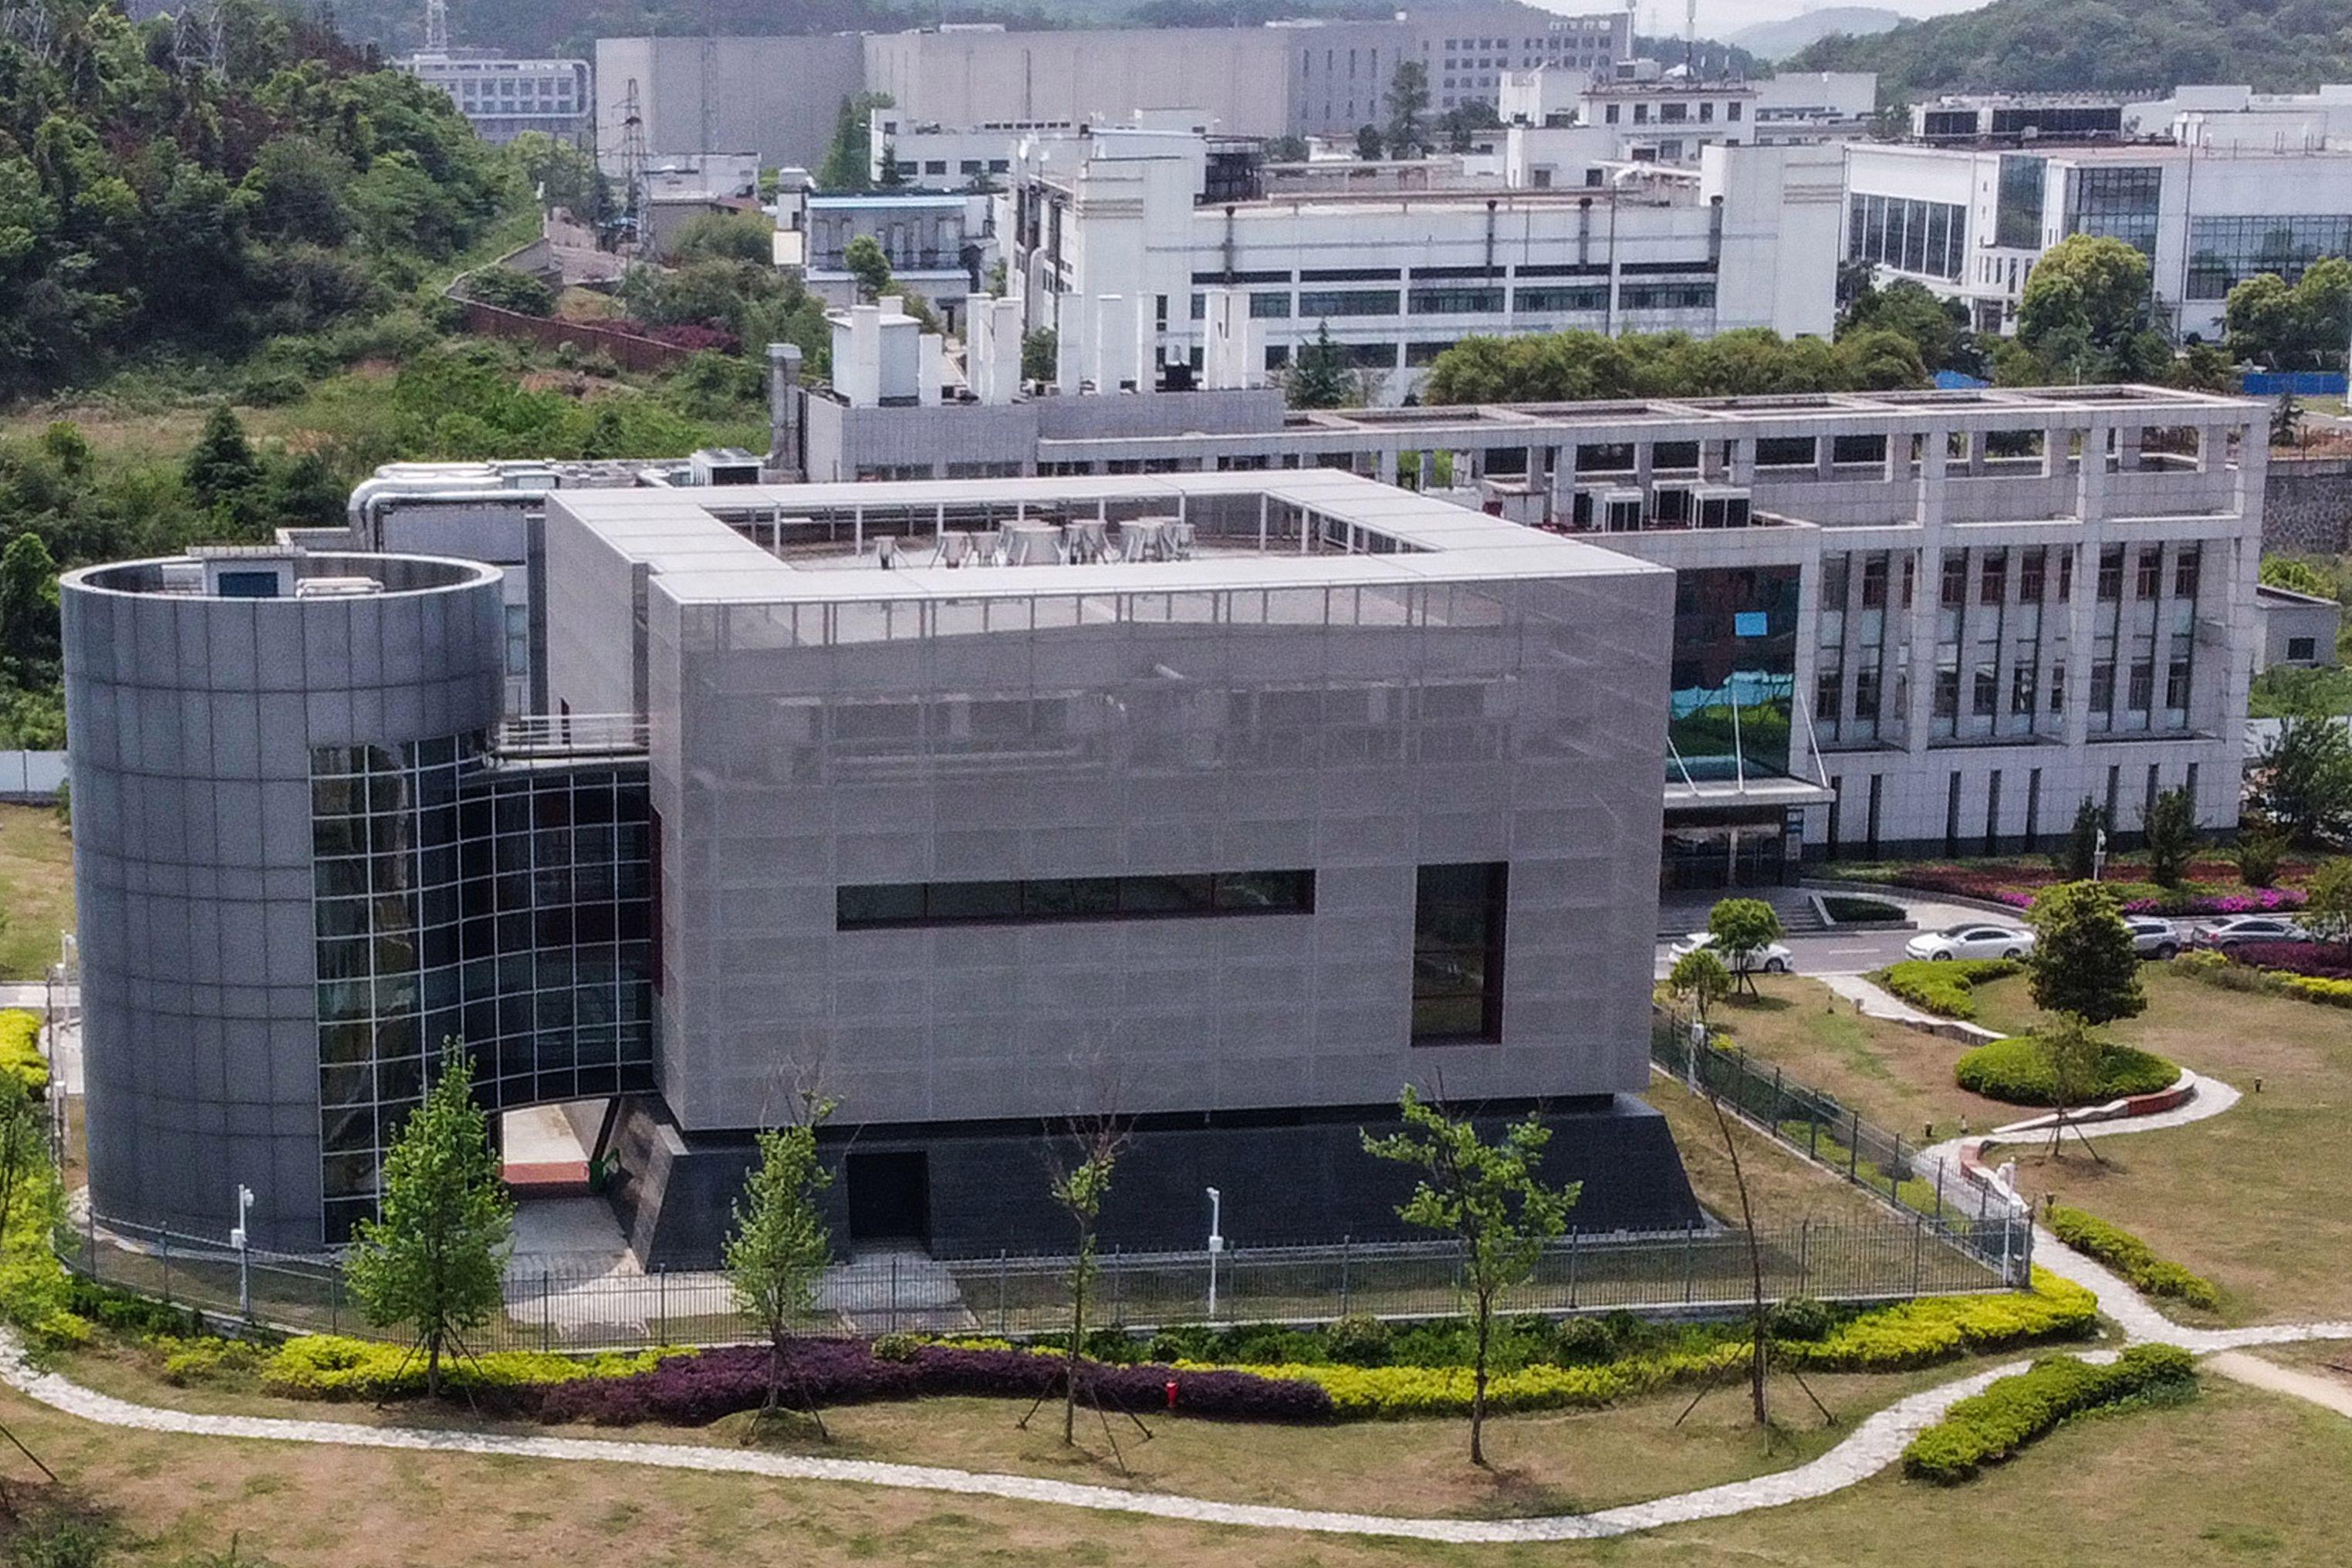 Instituto de Virología de Wuhan, donde se afirma que el virus podría haber escapado accidentalmente